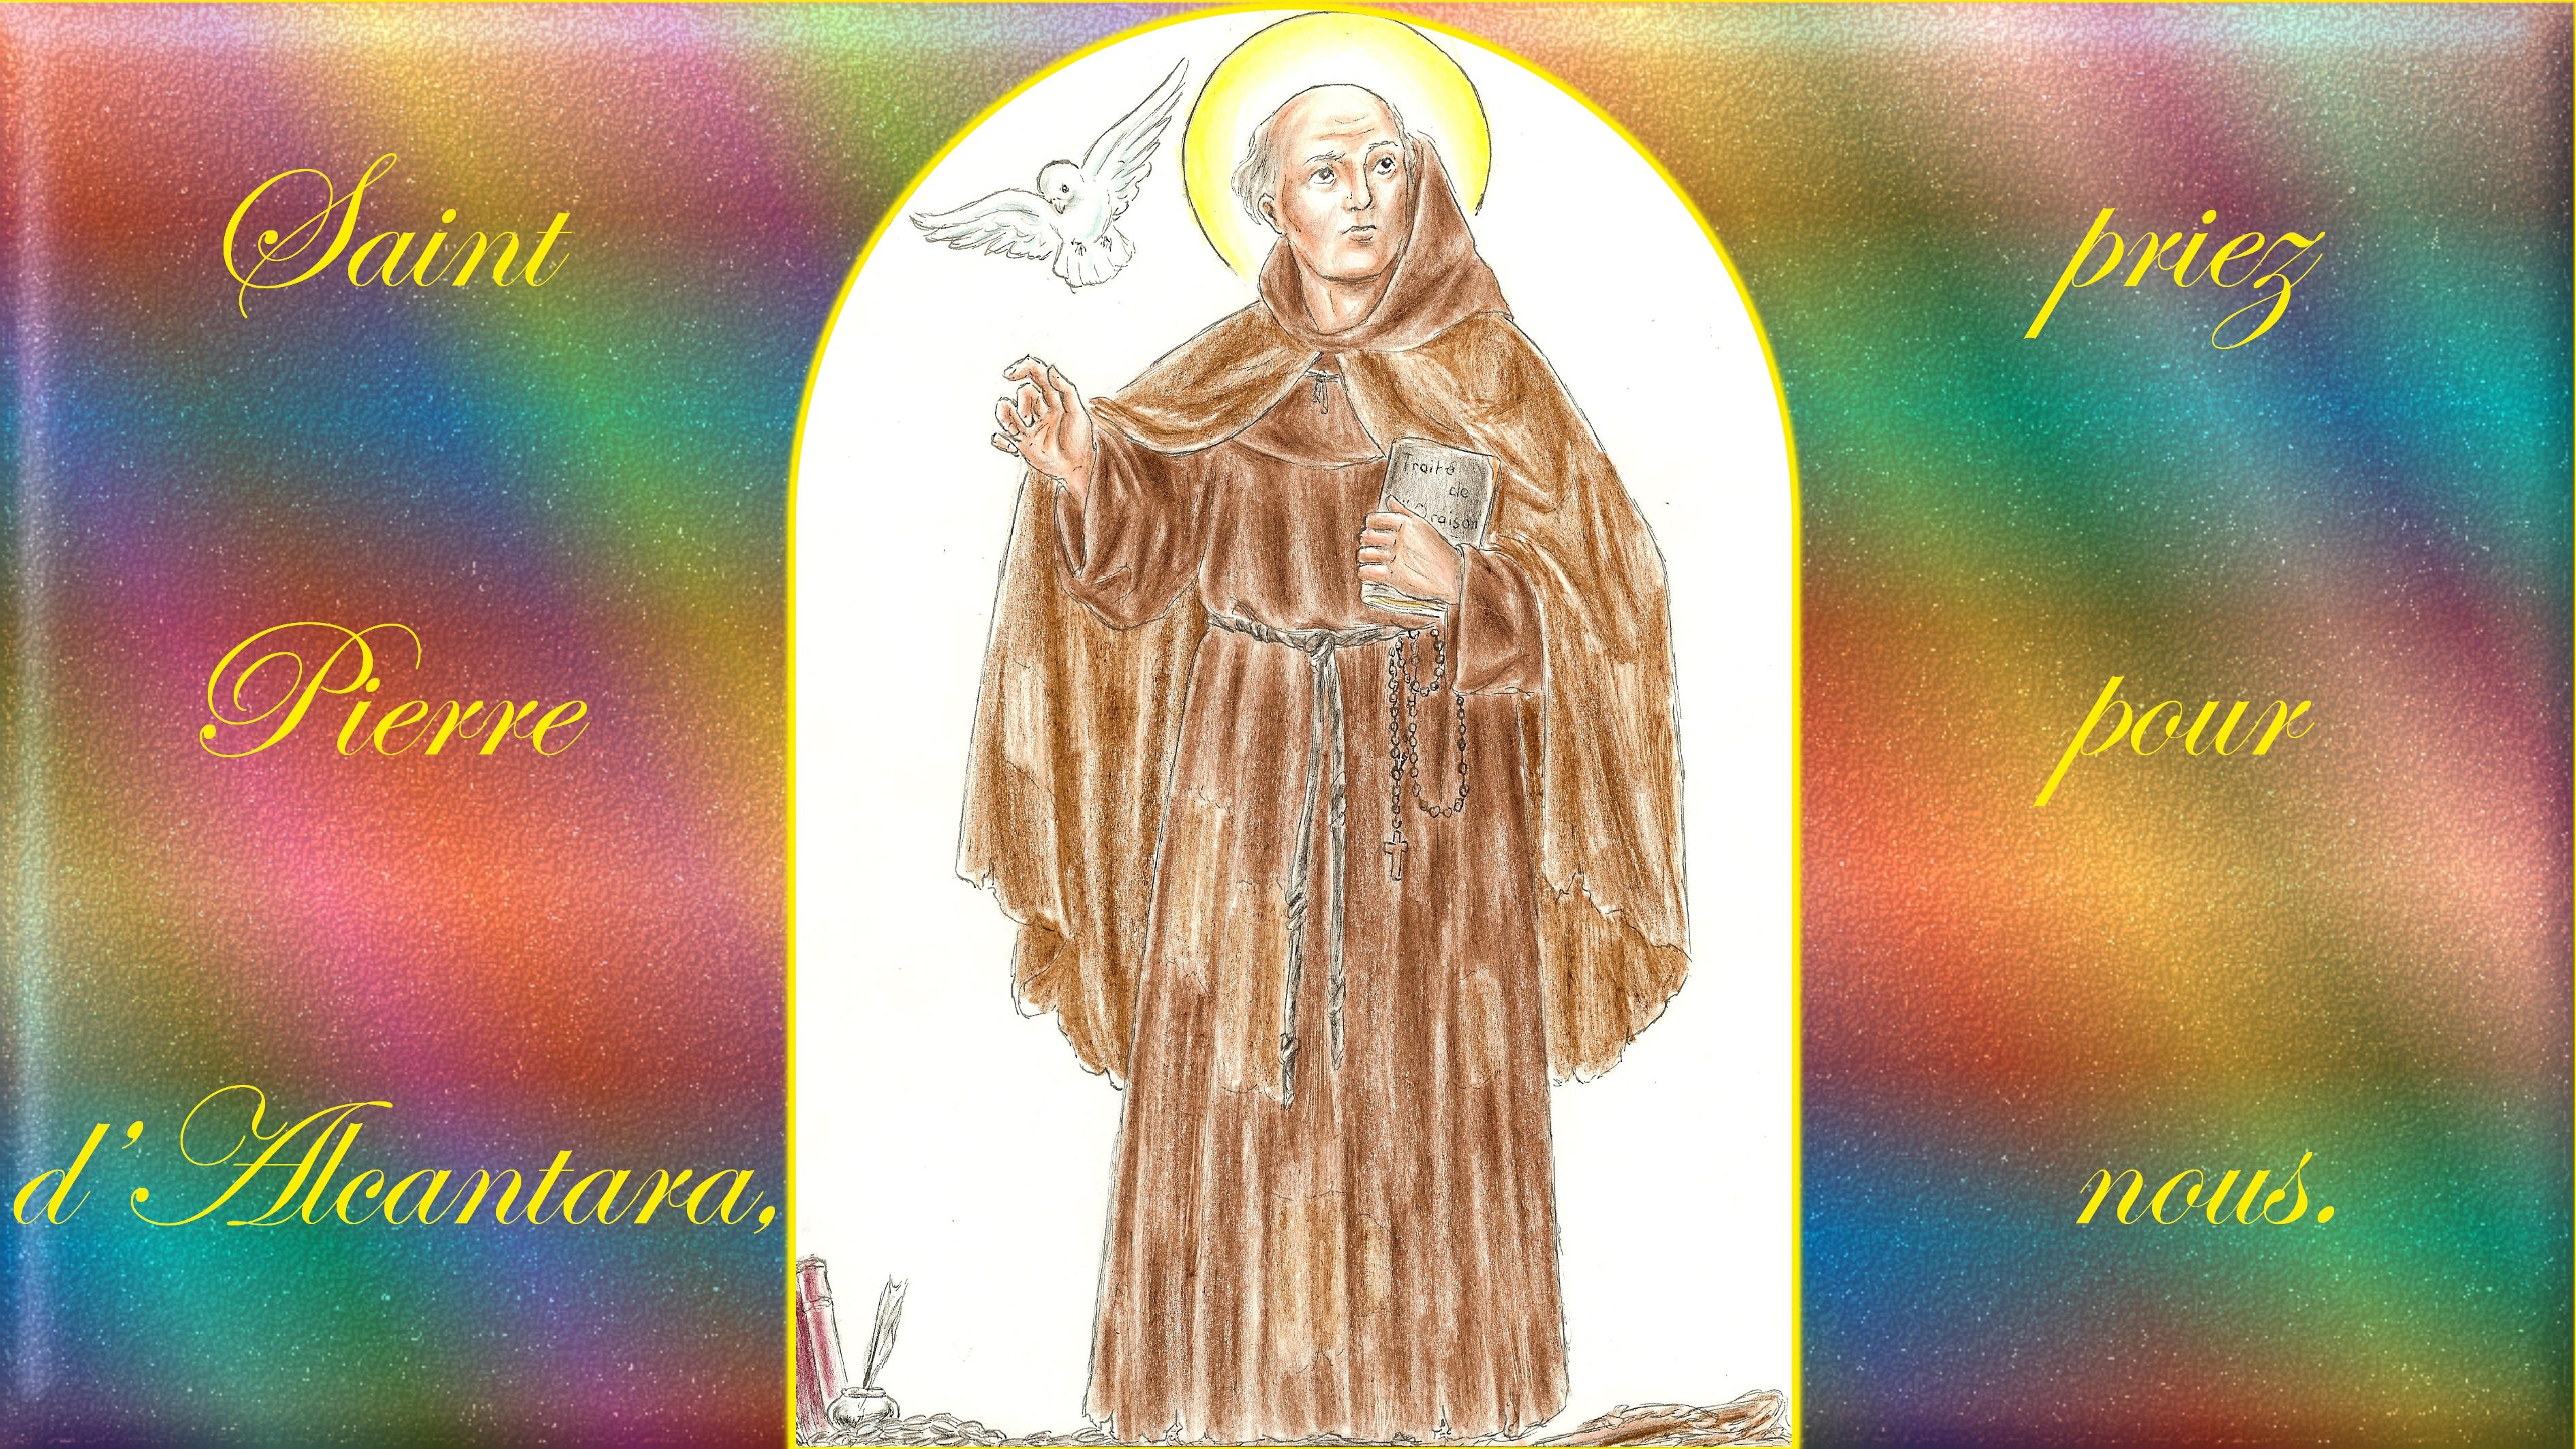 CALENDRIER CATHOLIQUE 2019 (Cantiques, Prières & Images) - Page 12 St-pierre-d-alcantara-56ad53b